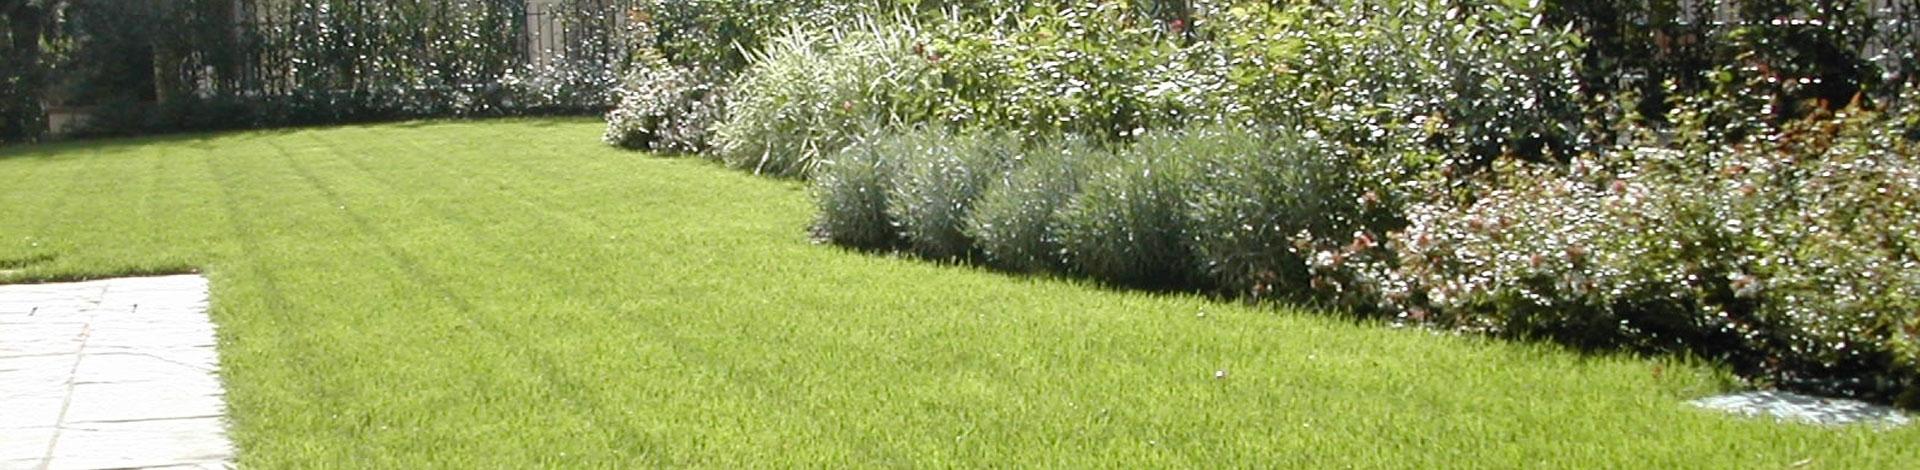 Giardini Sospesi, Realizzazione Giardini Pensili, Verde Pensile